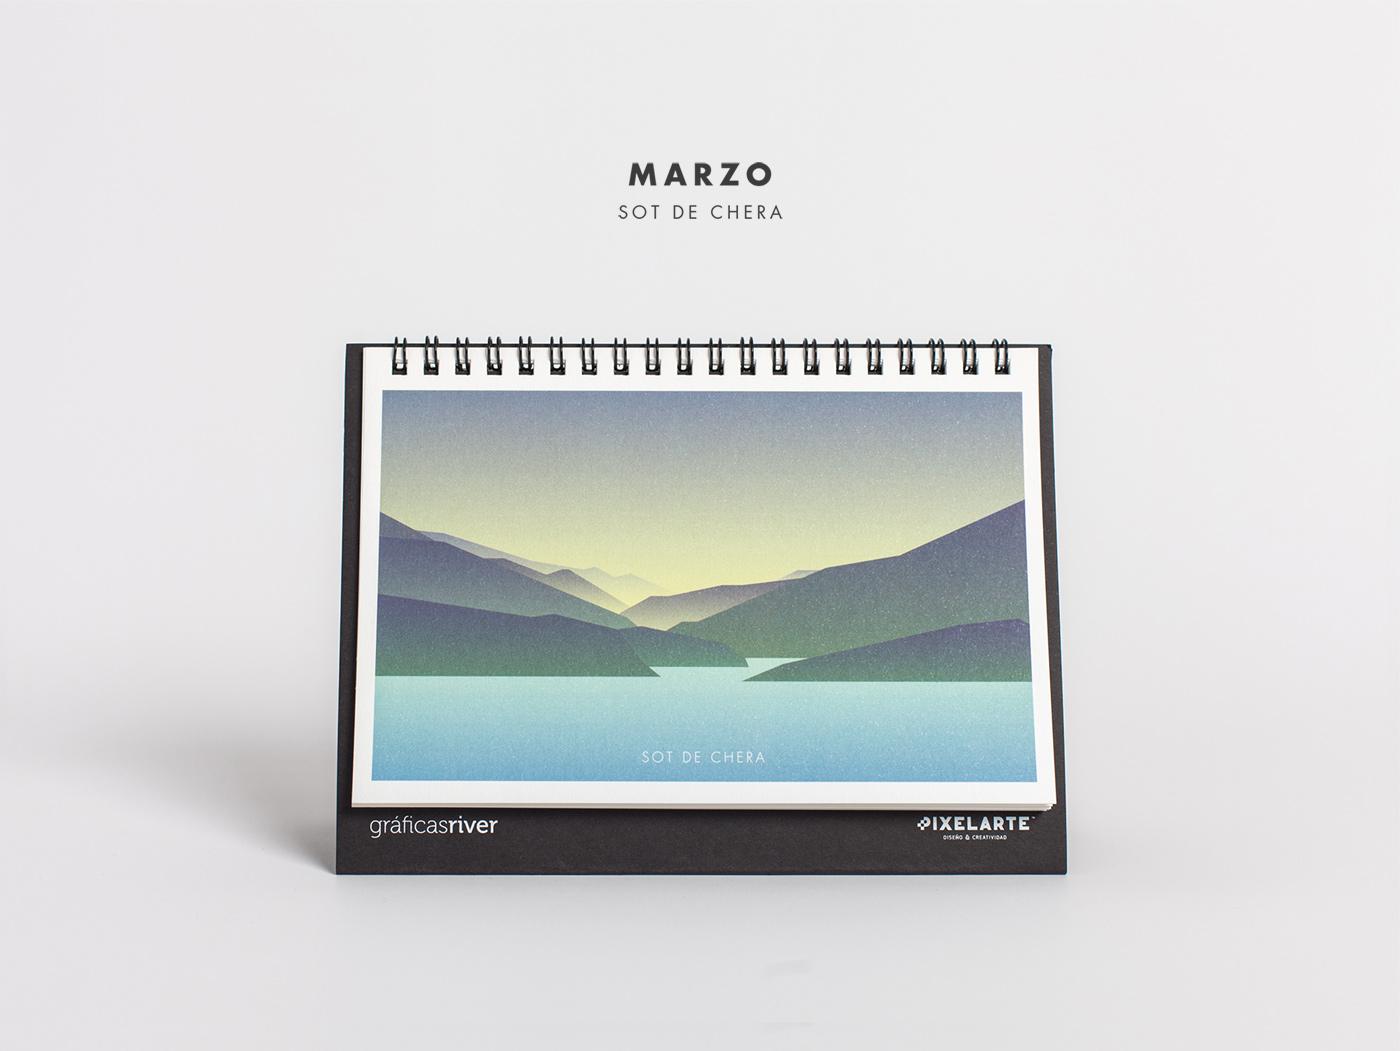 pixelarte-estudio-diseno-grafico-calendario-parques-comunidad_valenciana-marzo-2016